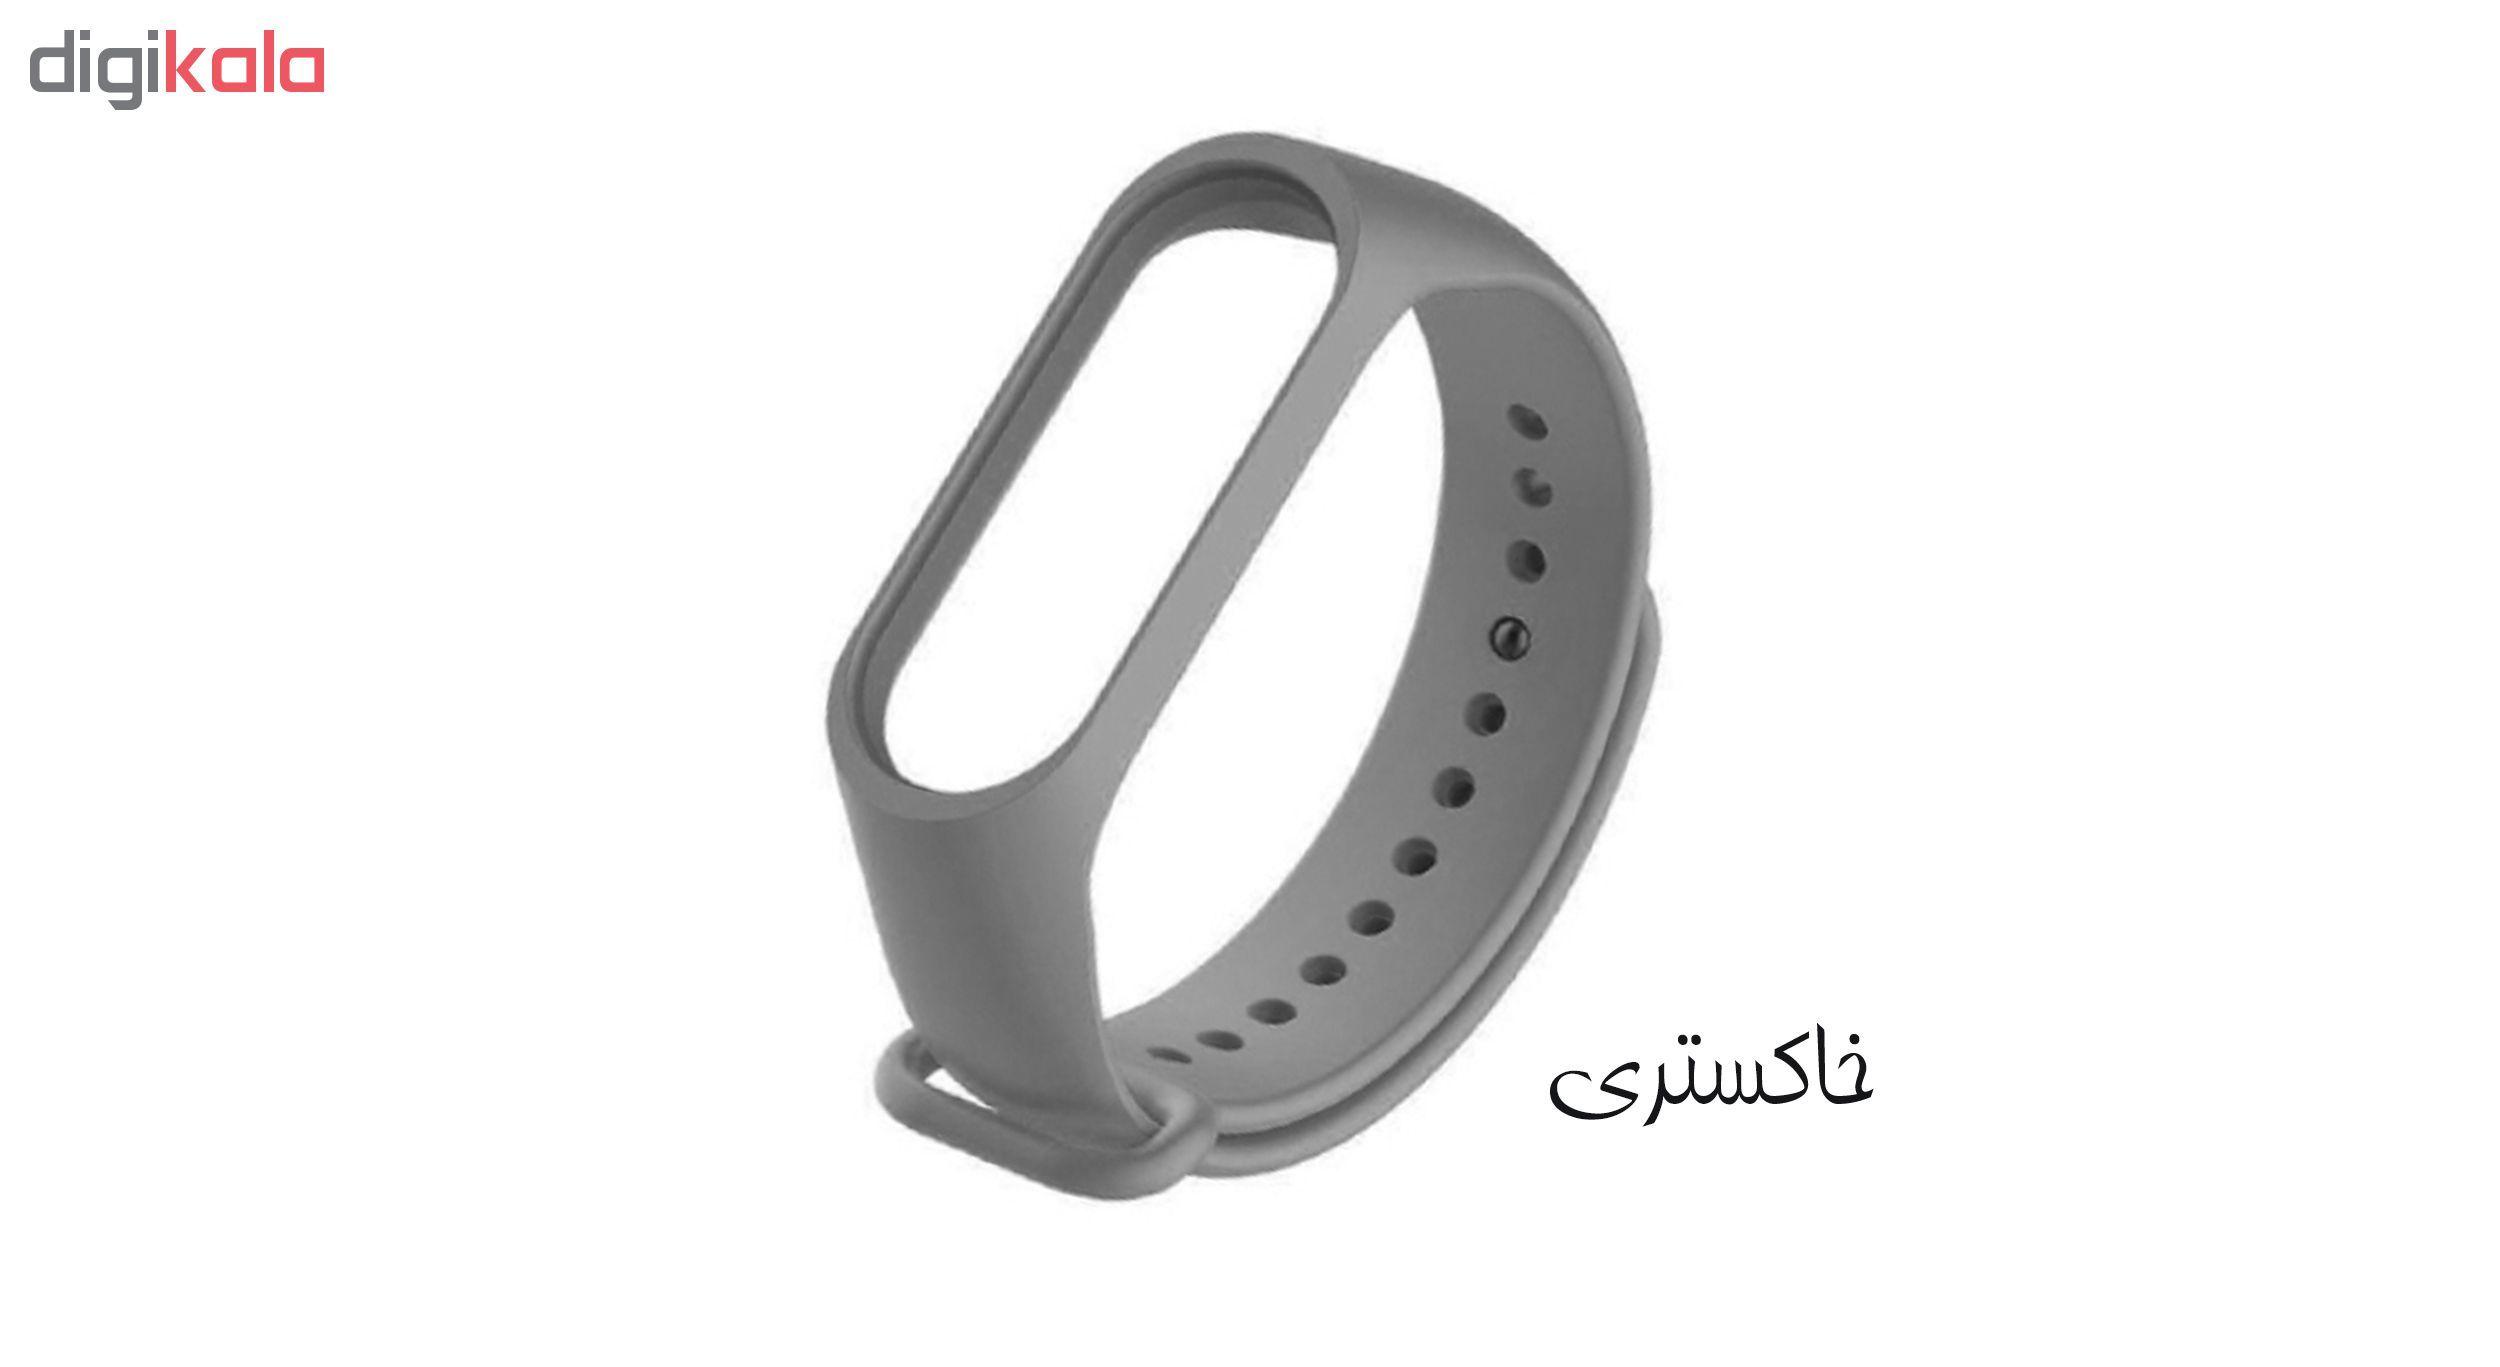 بند مچ بند هوشمند سومگ مدل SMG-S1 مناسب برای مچ بند هوشمند شیائومی Mi Band 3 و M3 main 1 17